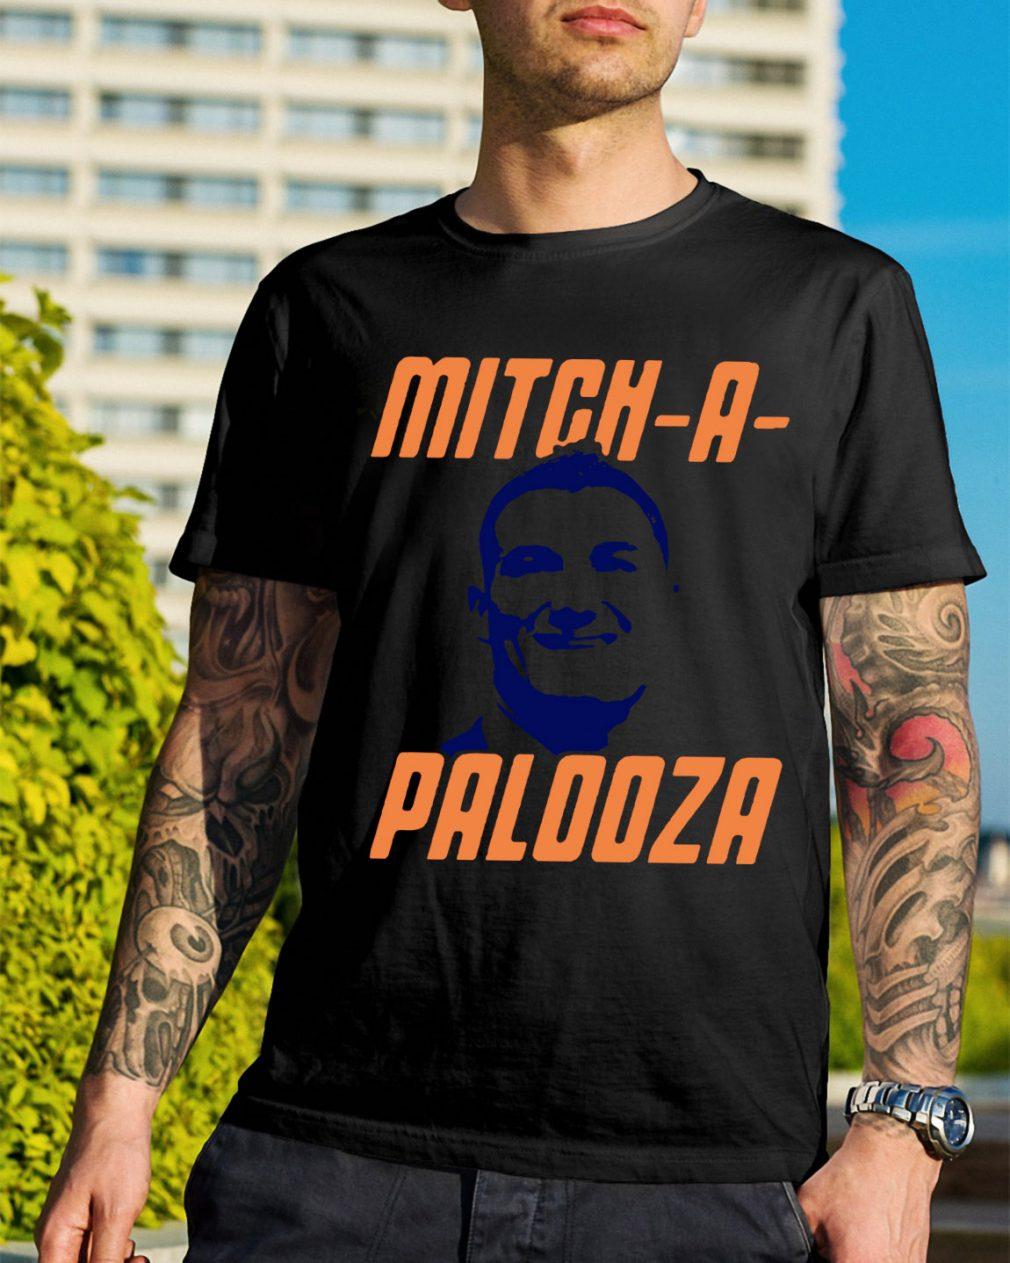 Mitch-A-Palooza shirt